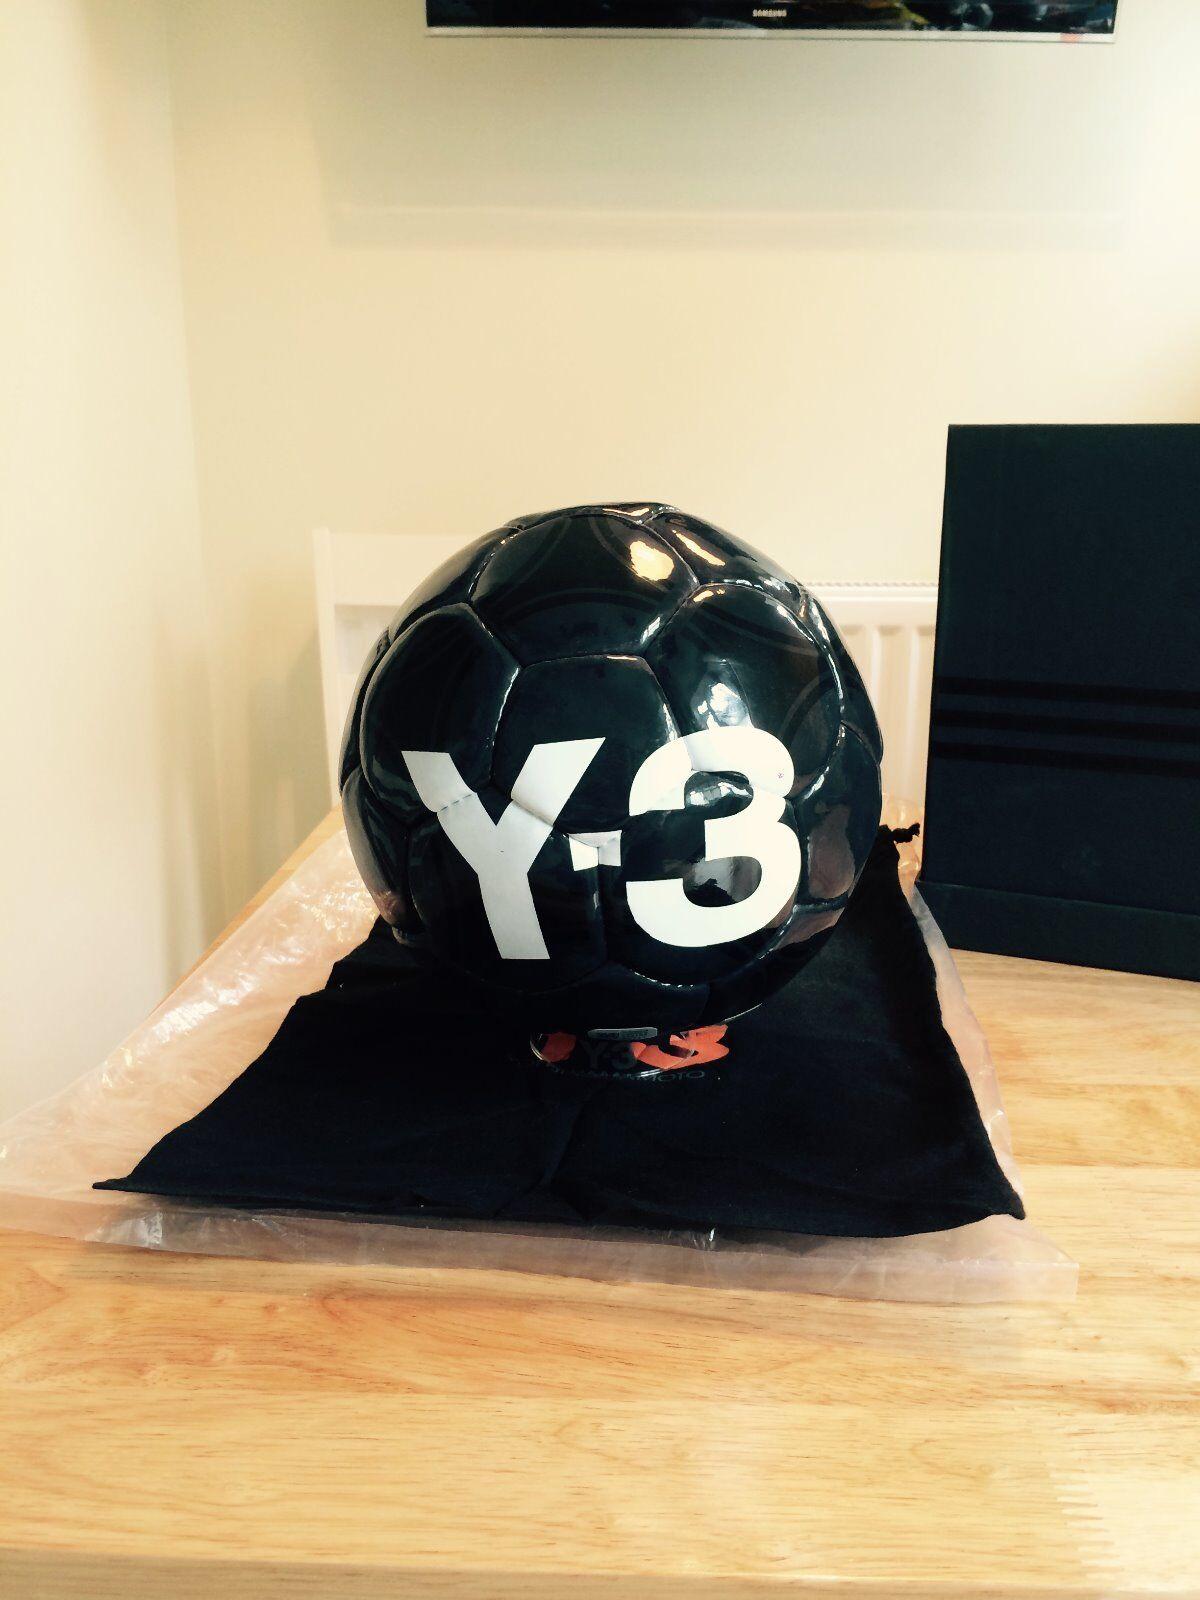 Y-3 Yohji Yamamoto Nero Taglia 5 Calcio con scatola di presentazione e stand